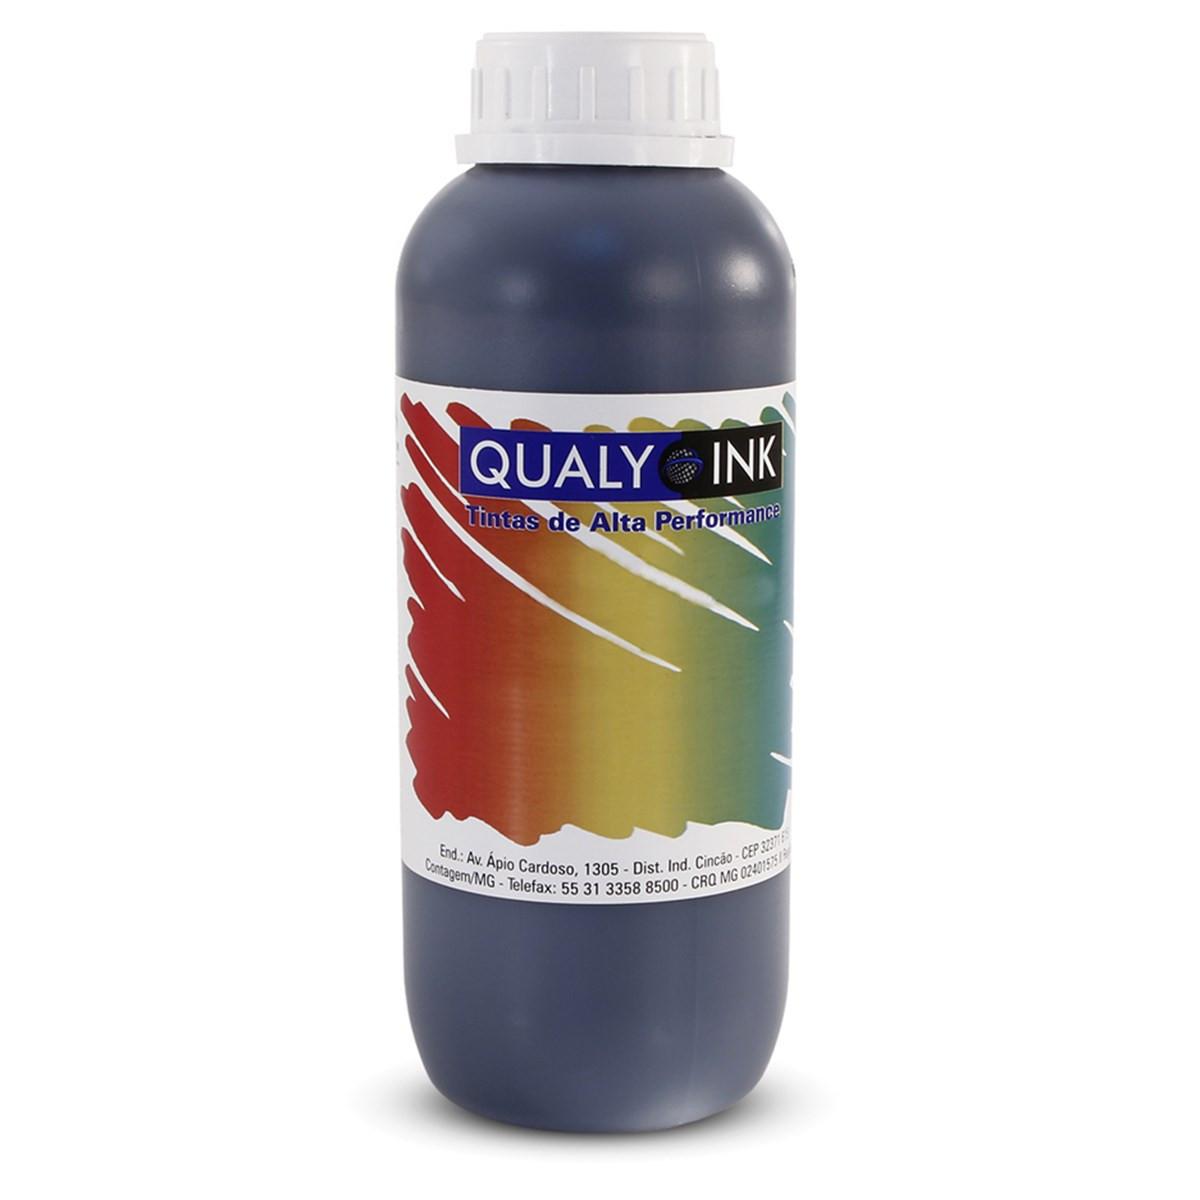 Tinta HP Pigmentada Preta Universal BP3H-1482 | 932 932XL CN057AL CN053AL H812a 7610 Qualy Ink 1kg